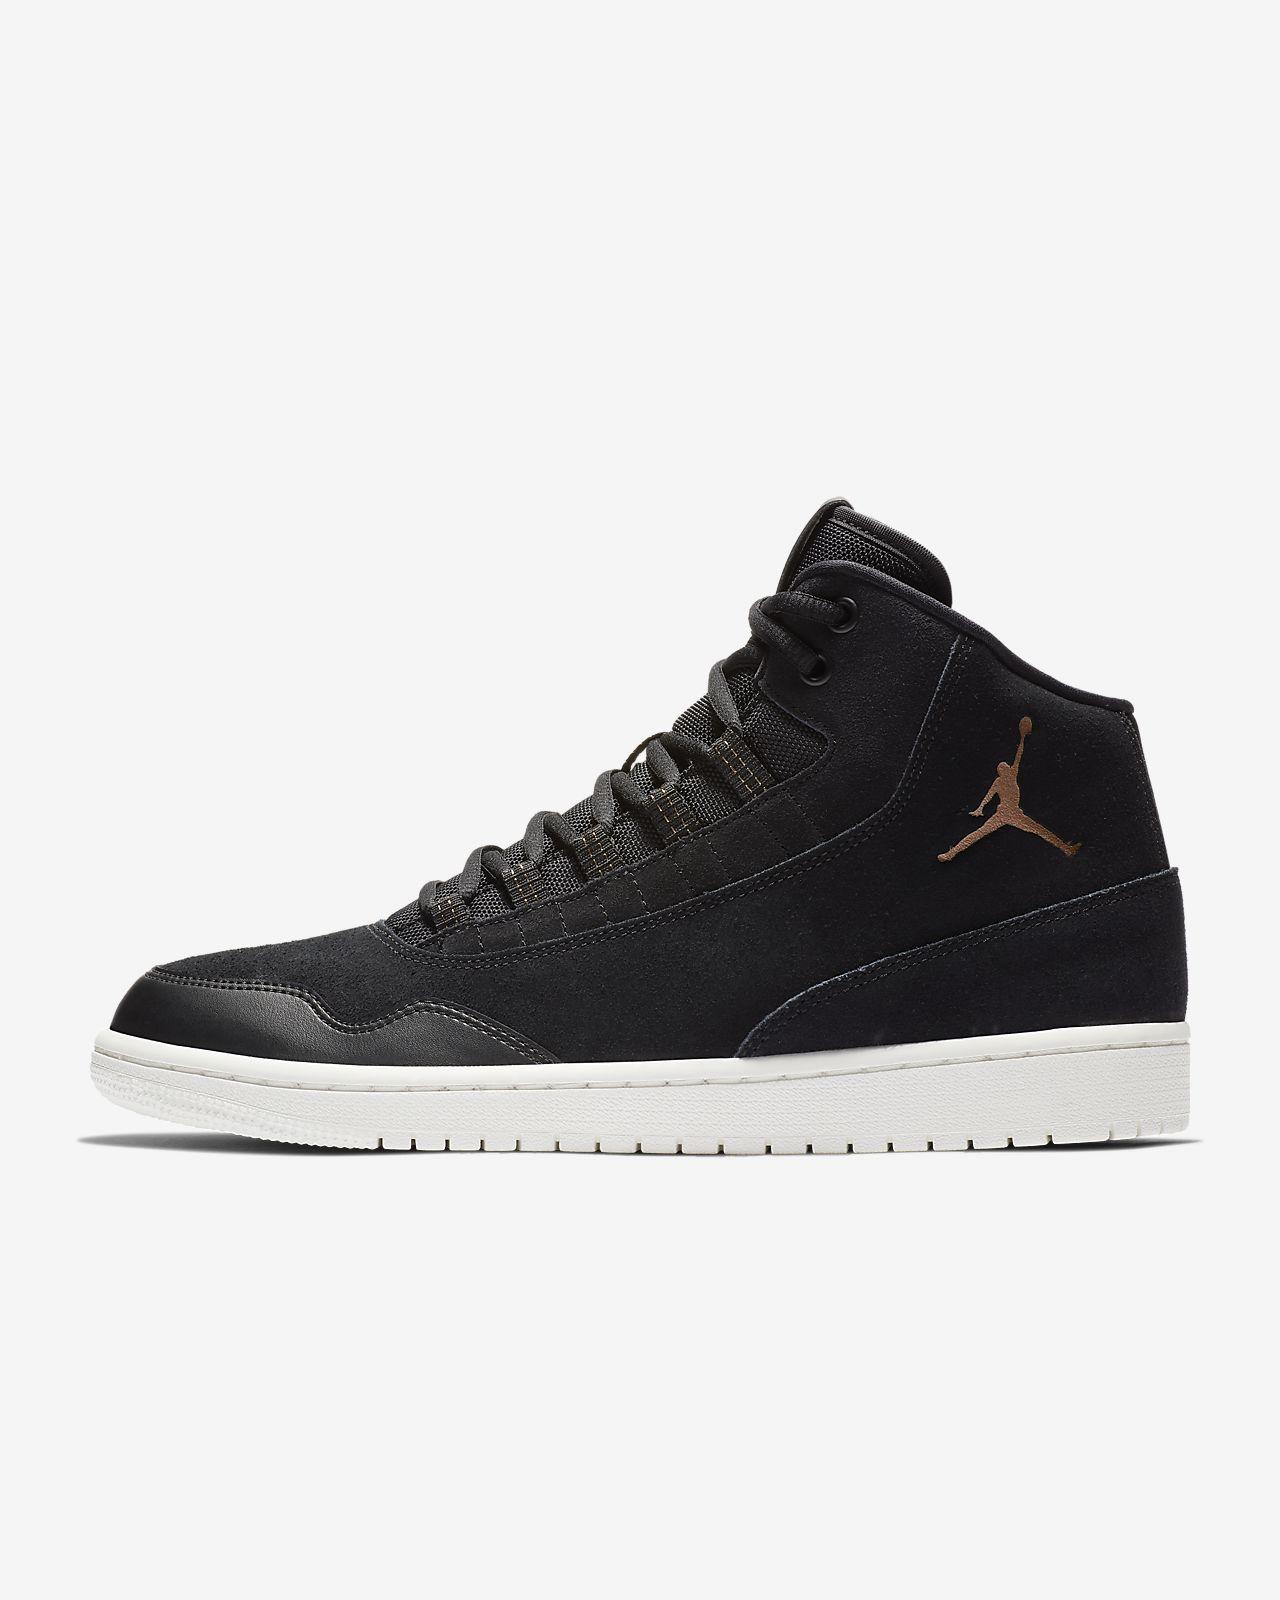 pour HommeMA Jordan Executive Executive Chaussure Chaussure Jordan pour Jordan Chaussure Executive HommeMA edBxoC